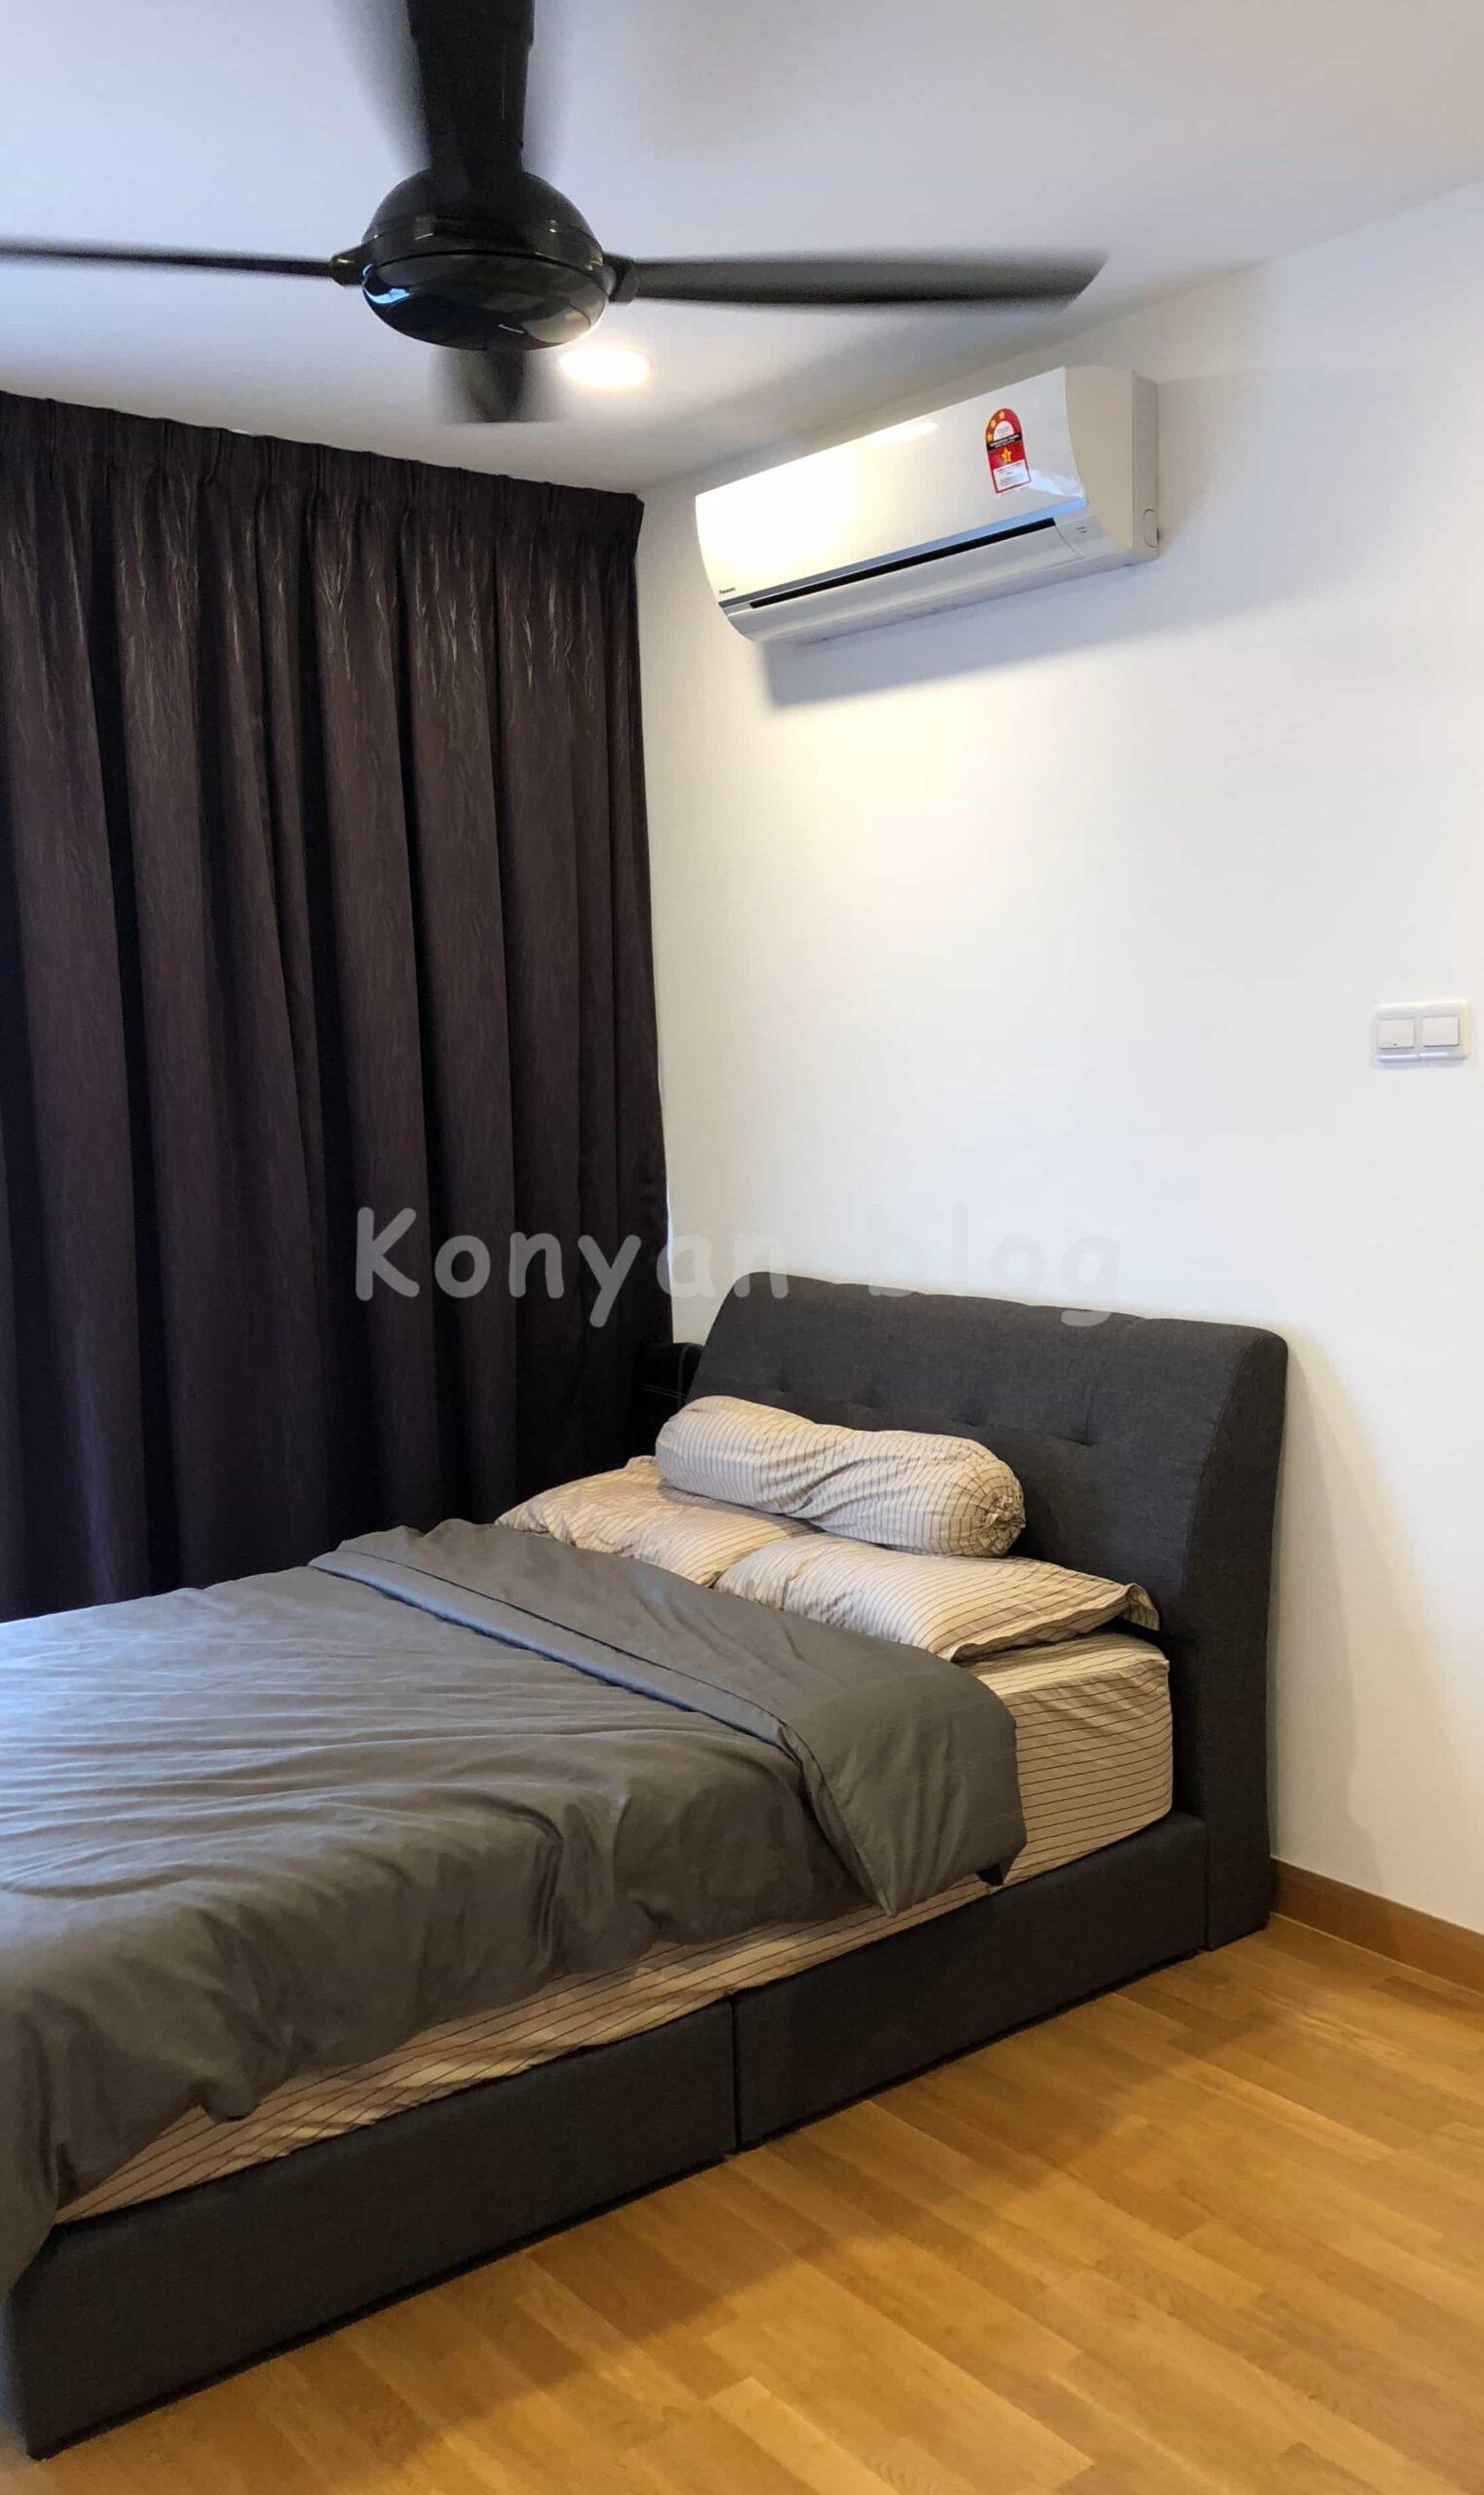 マレーシア 天井扇風機 エアコン